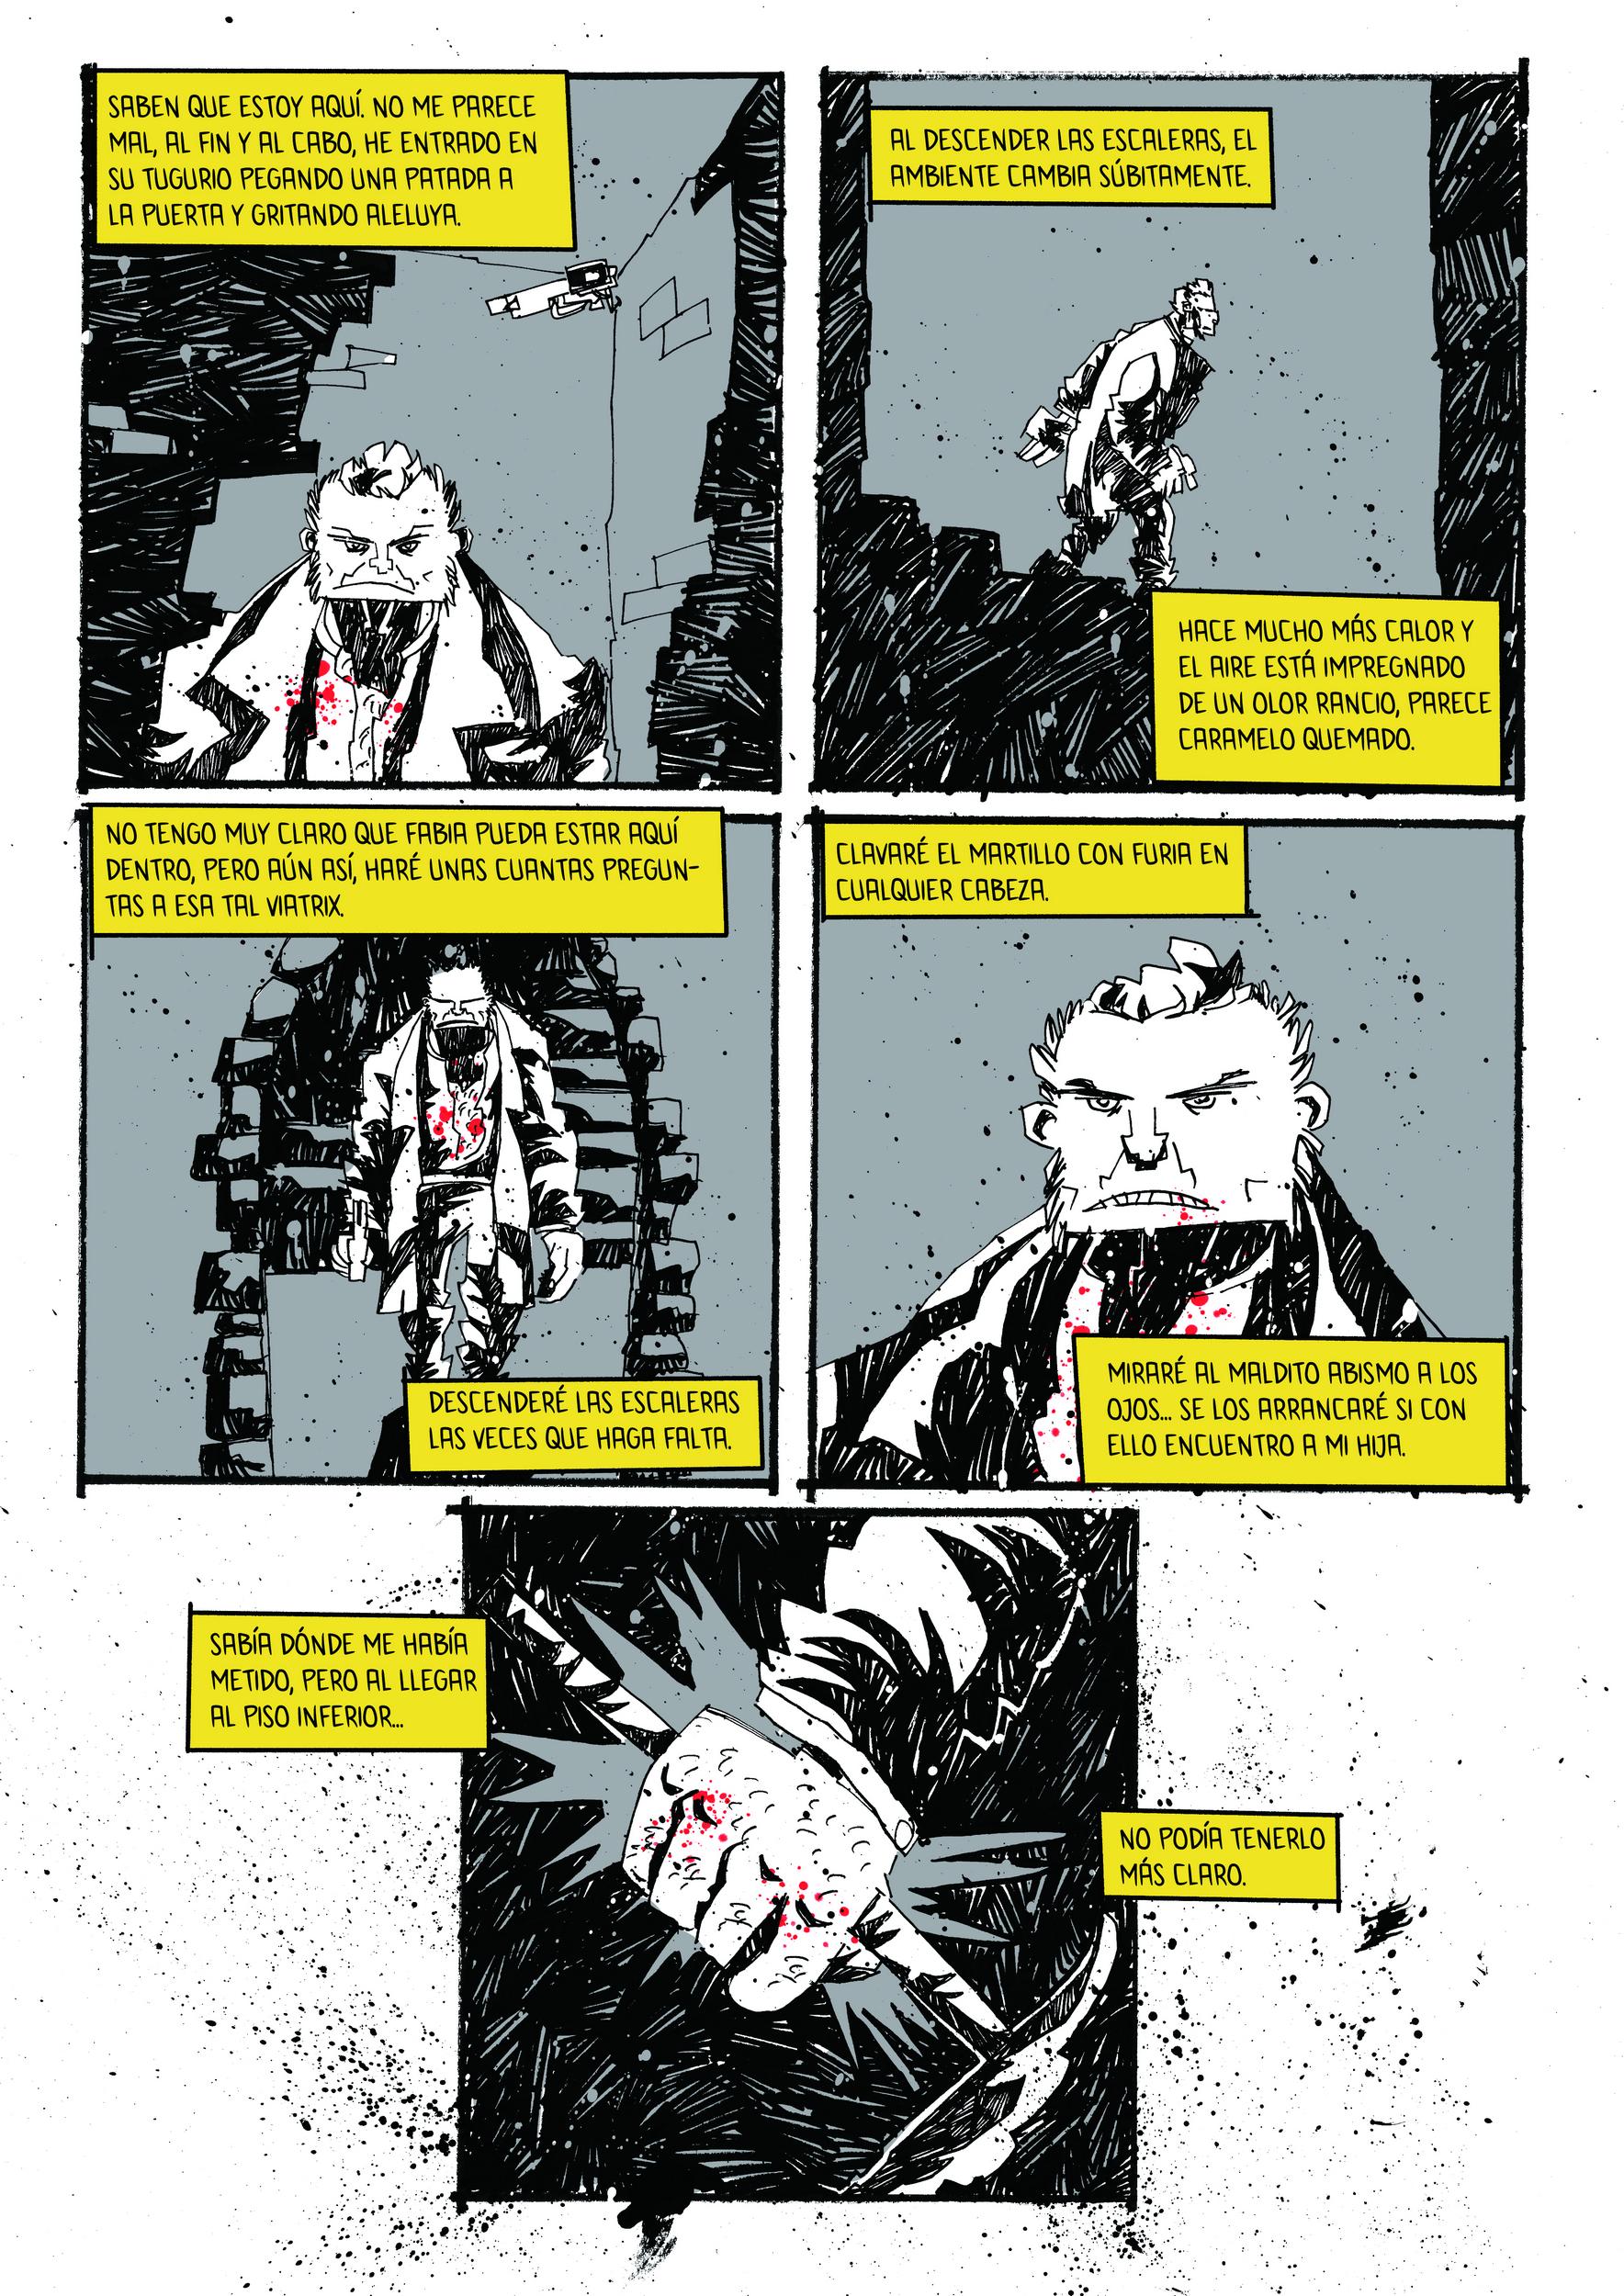 05_Hugo Martín Crespo y Alejandro Cruz Santana_Grind_pagina00012_2500_0025